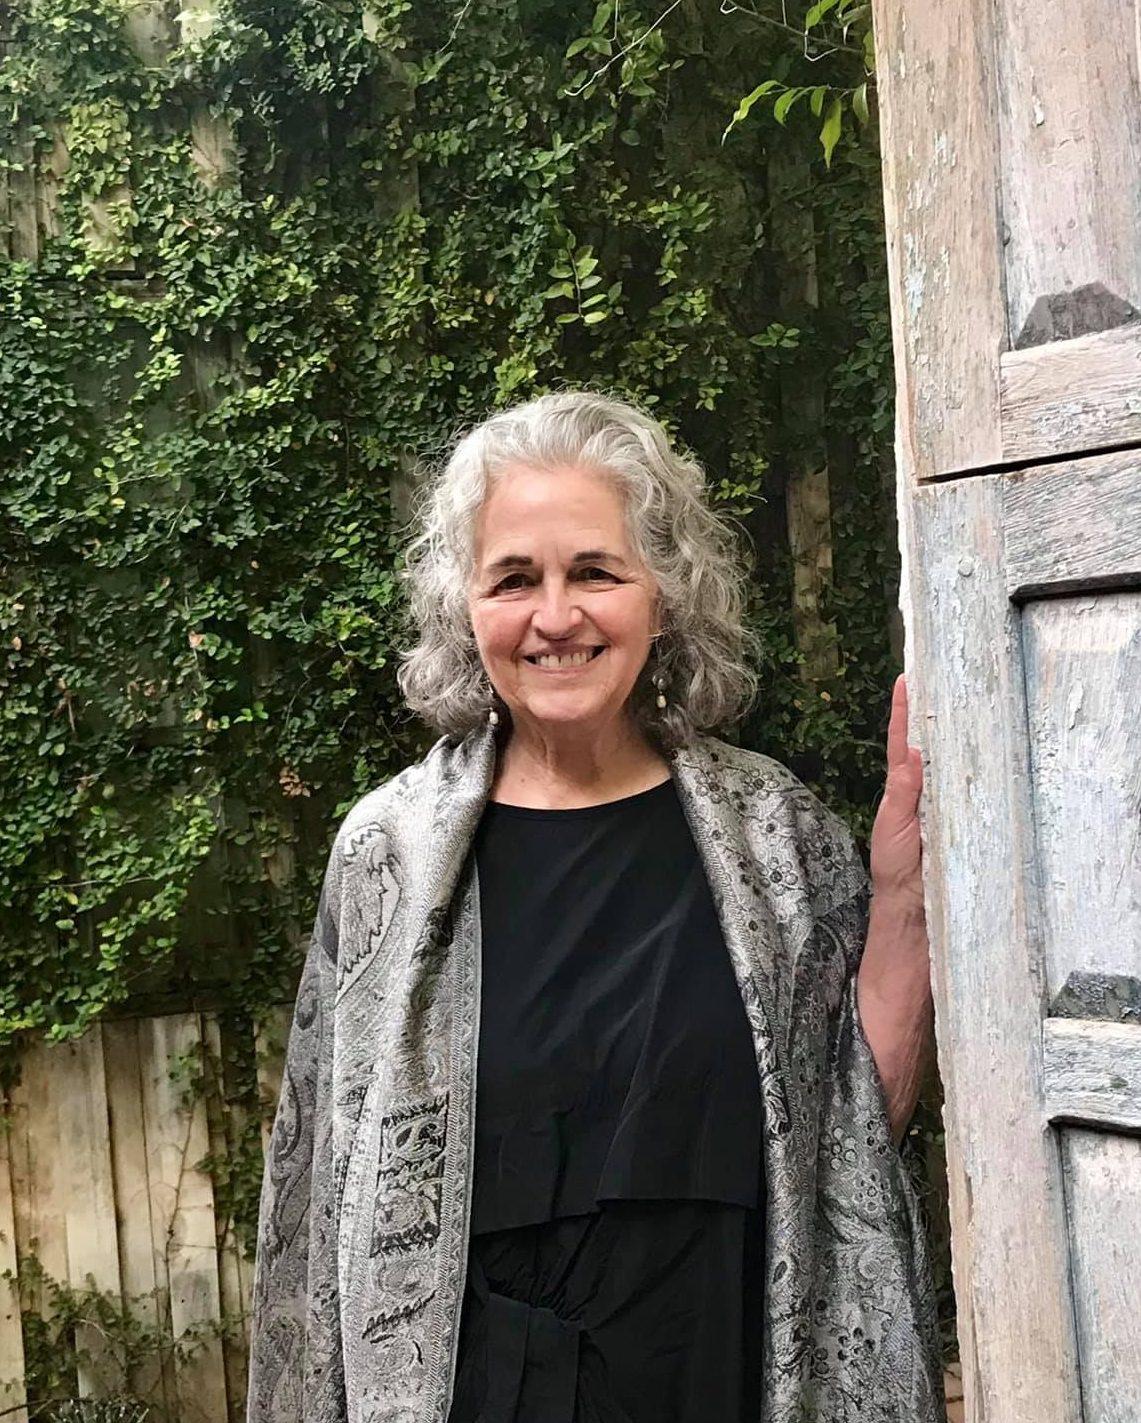 Christine Korfhage